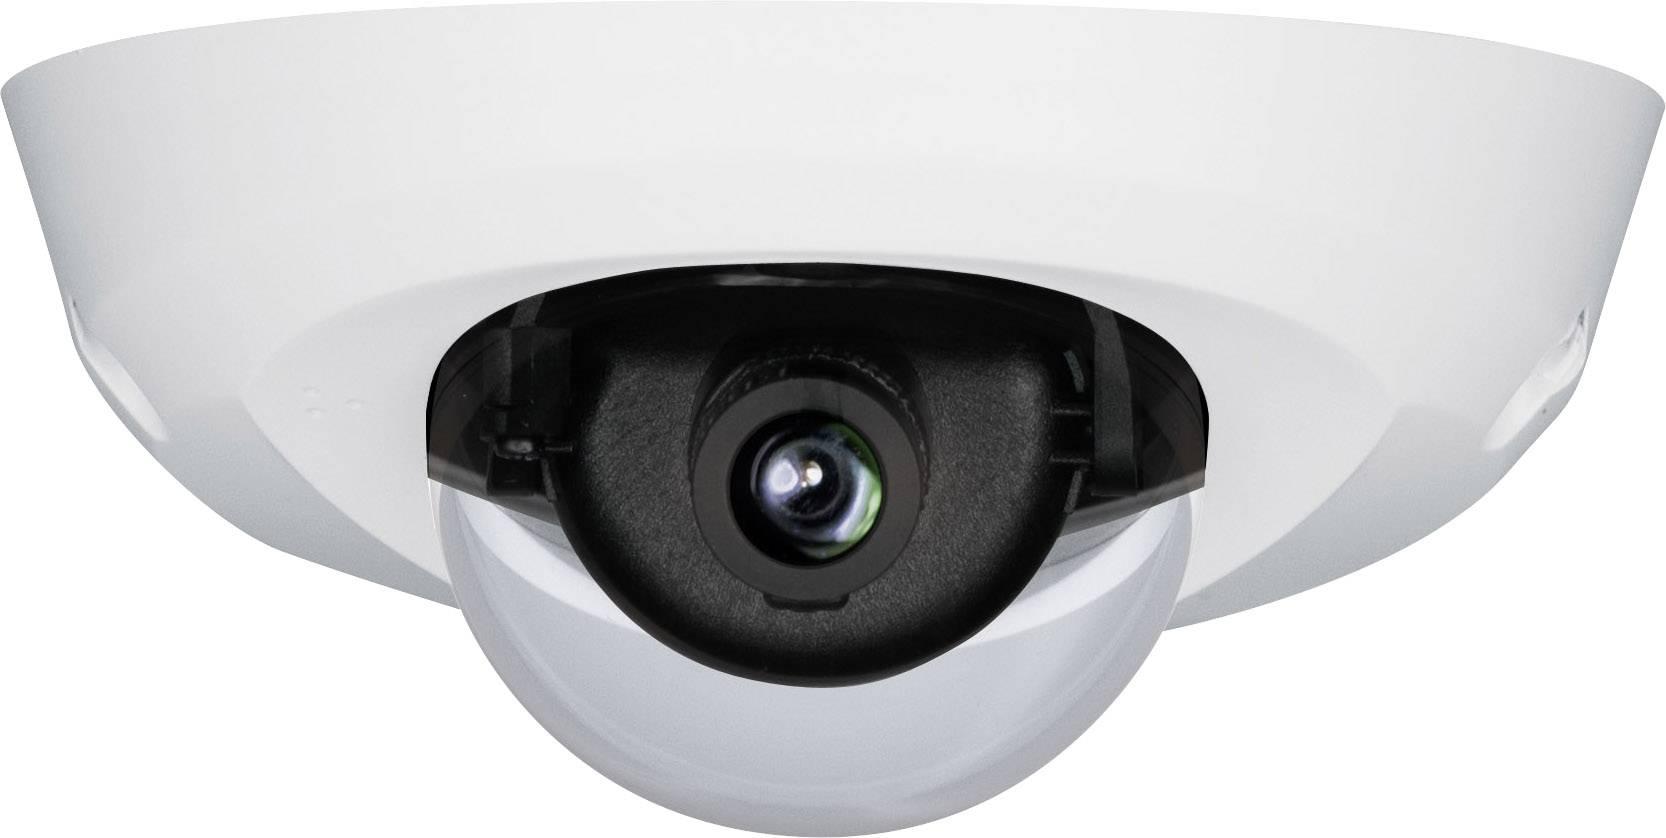 Bezpečnostní kamera Digitus Professional DN-16086, LAN, 1920 x 1080 pix